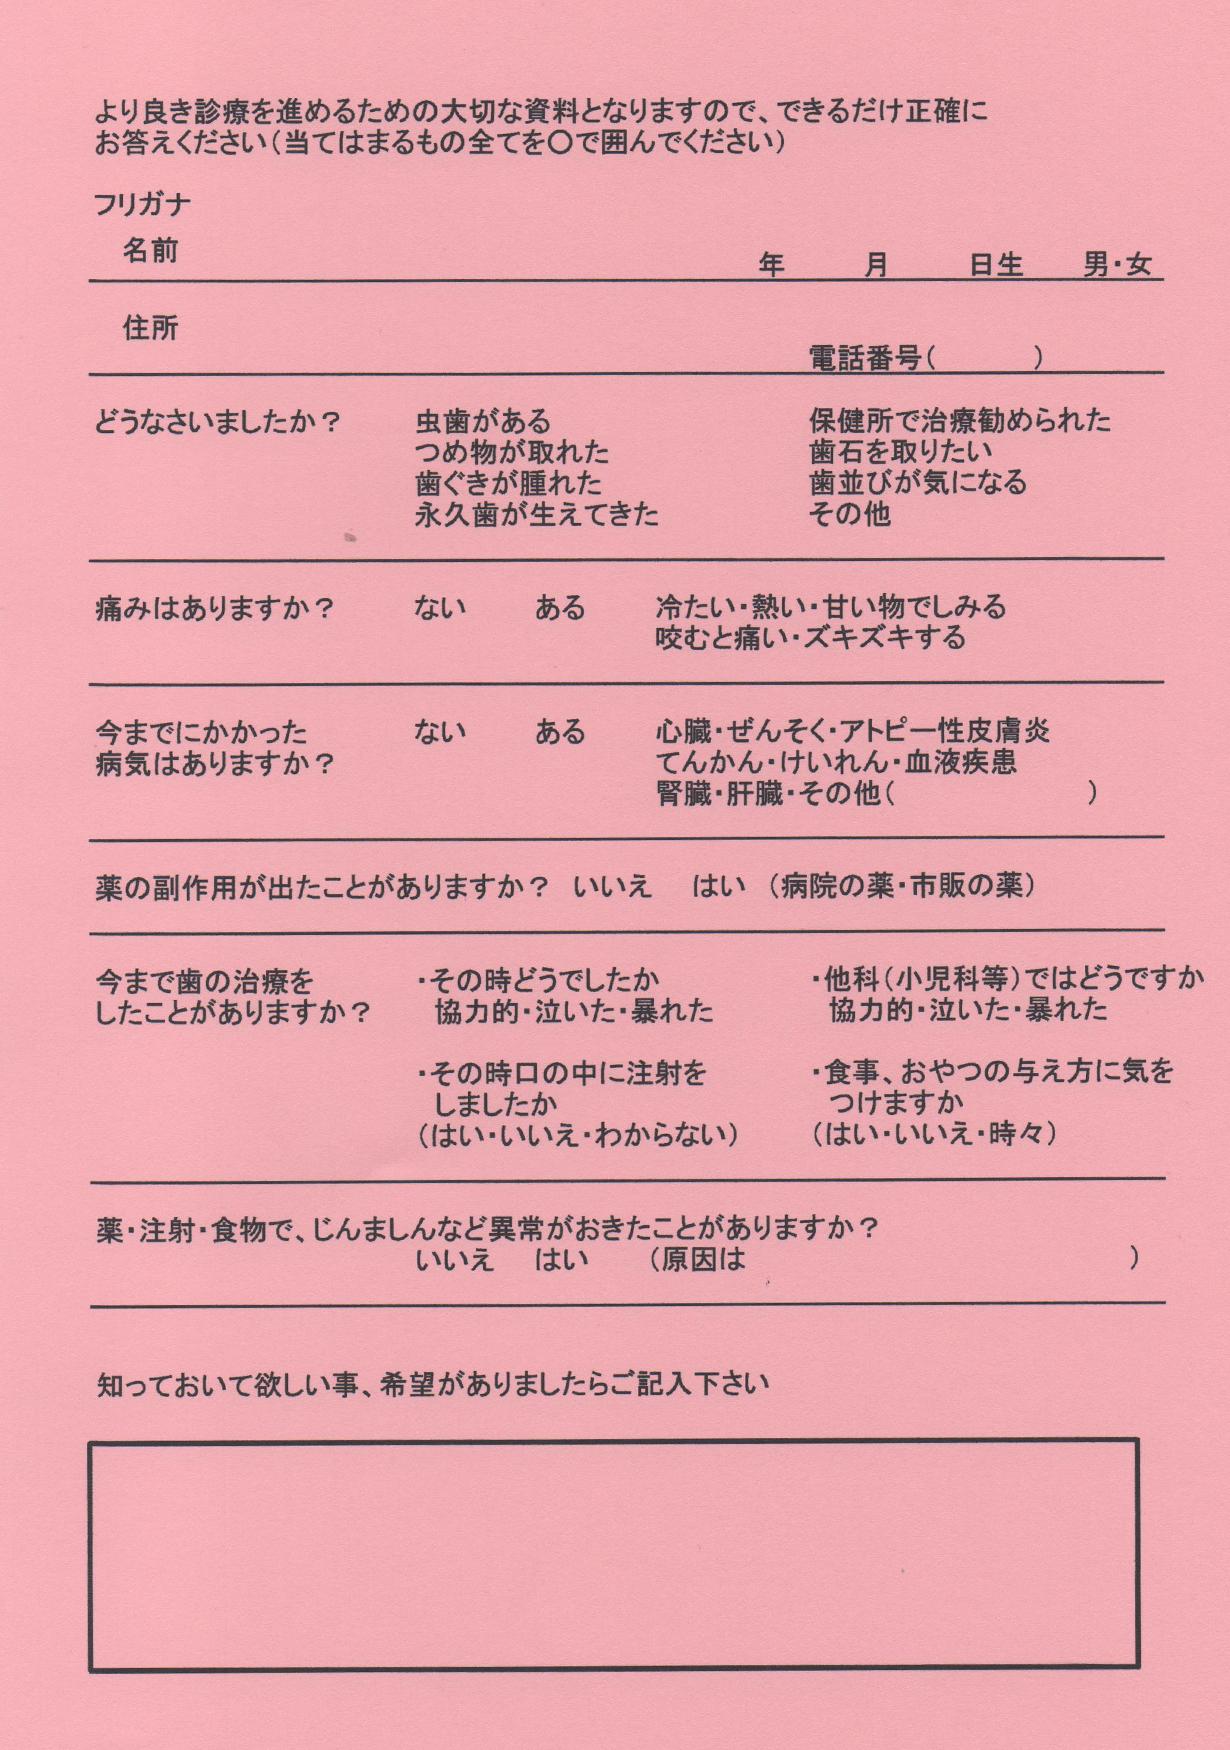 恵庭すずらん歯科クリニックの問診票(小児用)